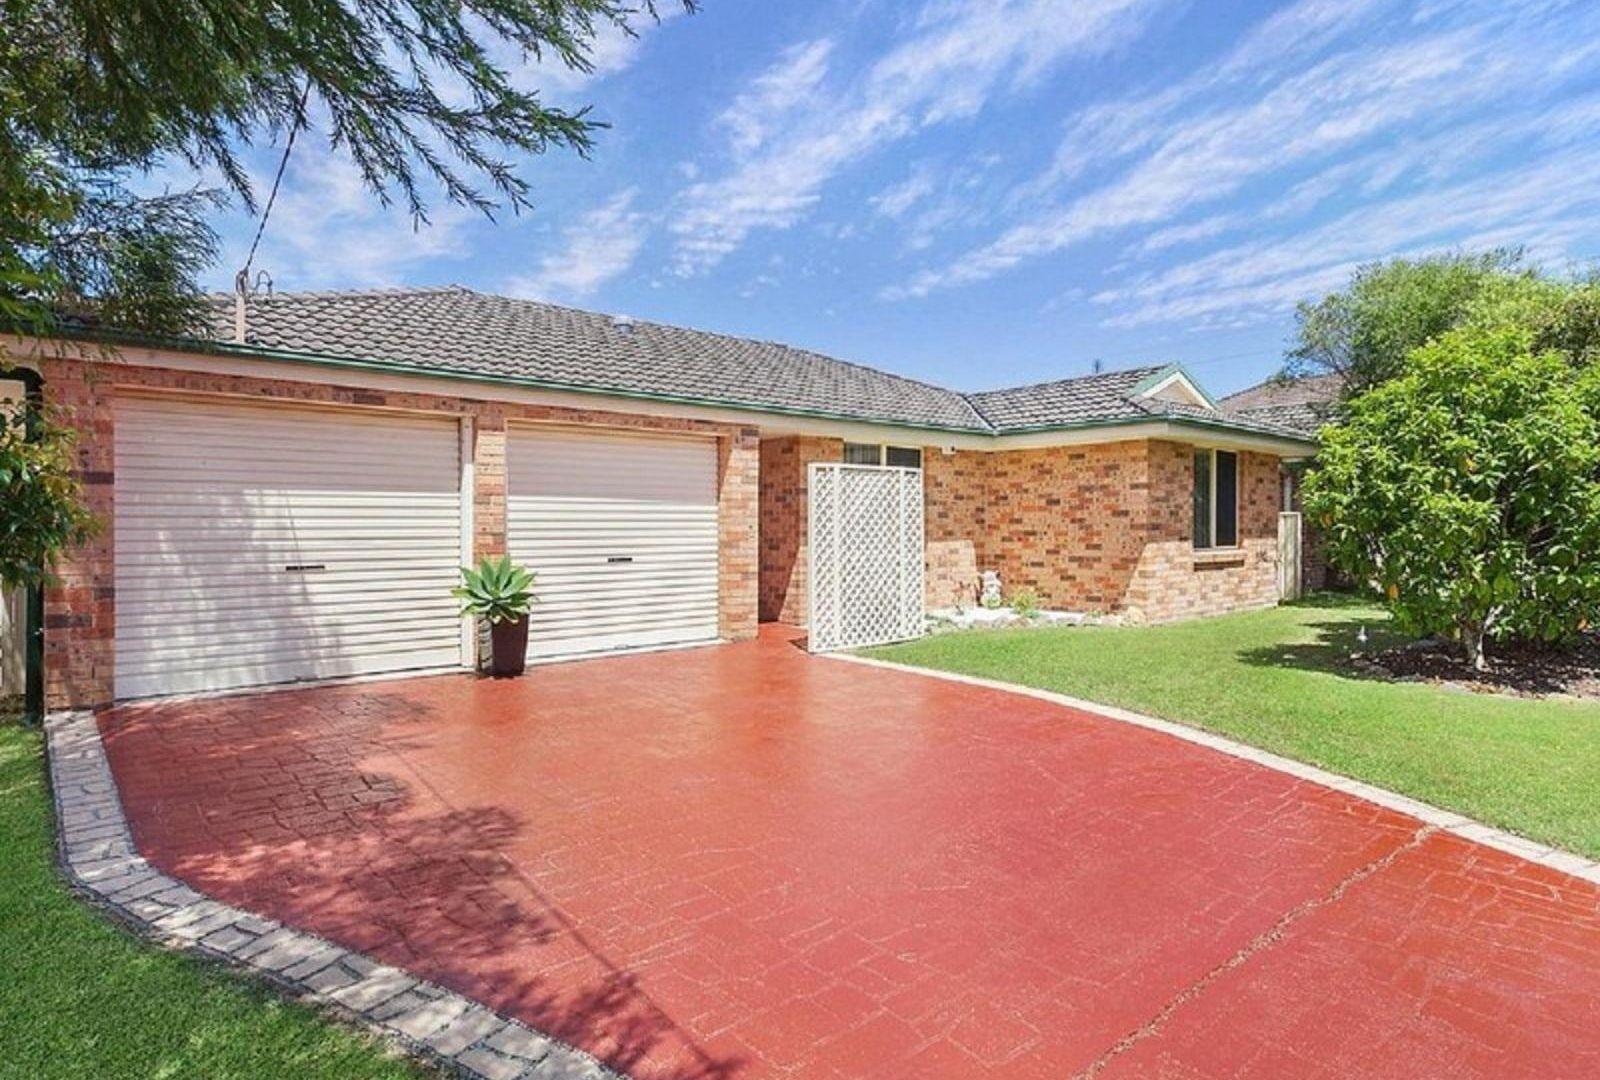 30 Milyerra Road, Kariong NSW 2250, Image 1